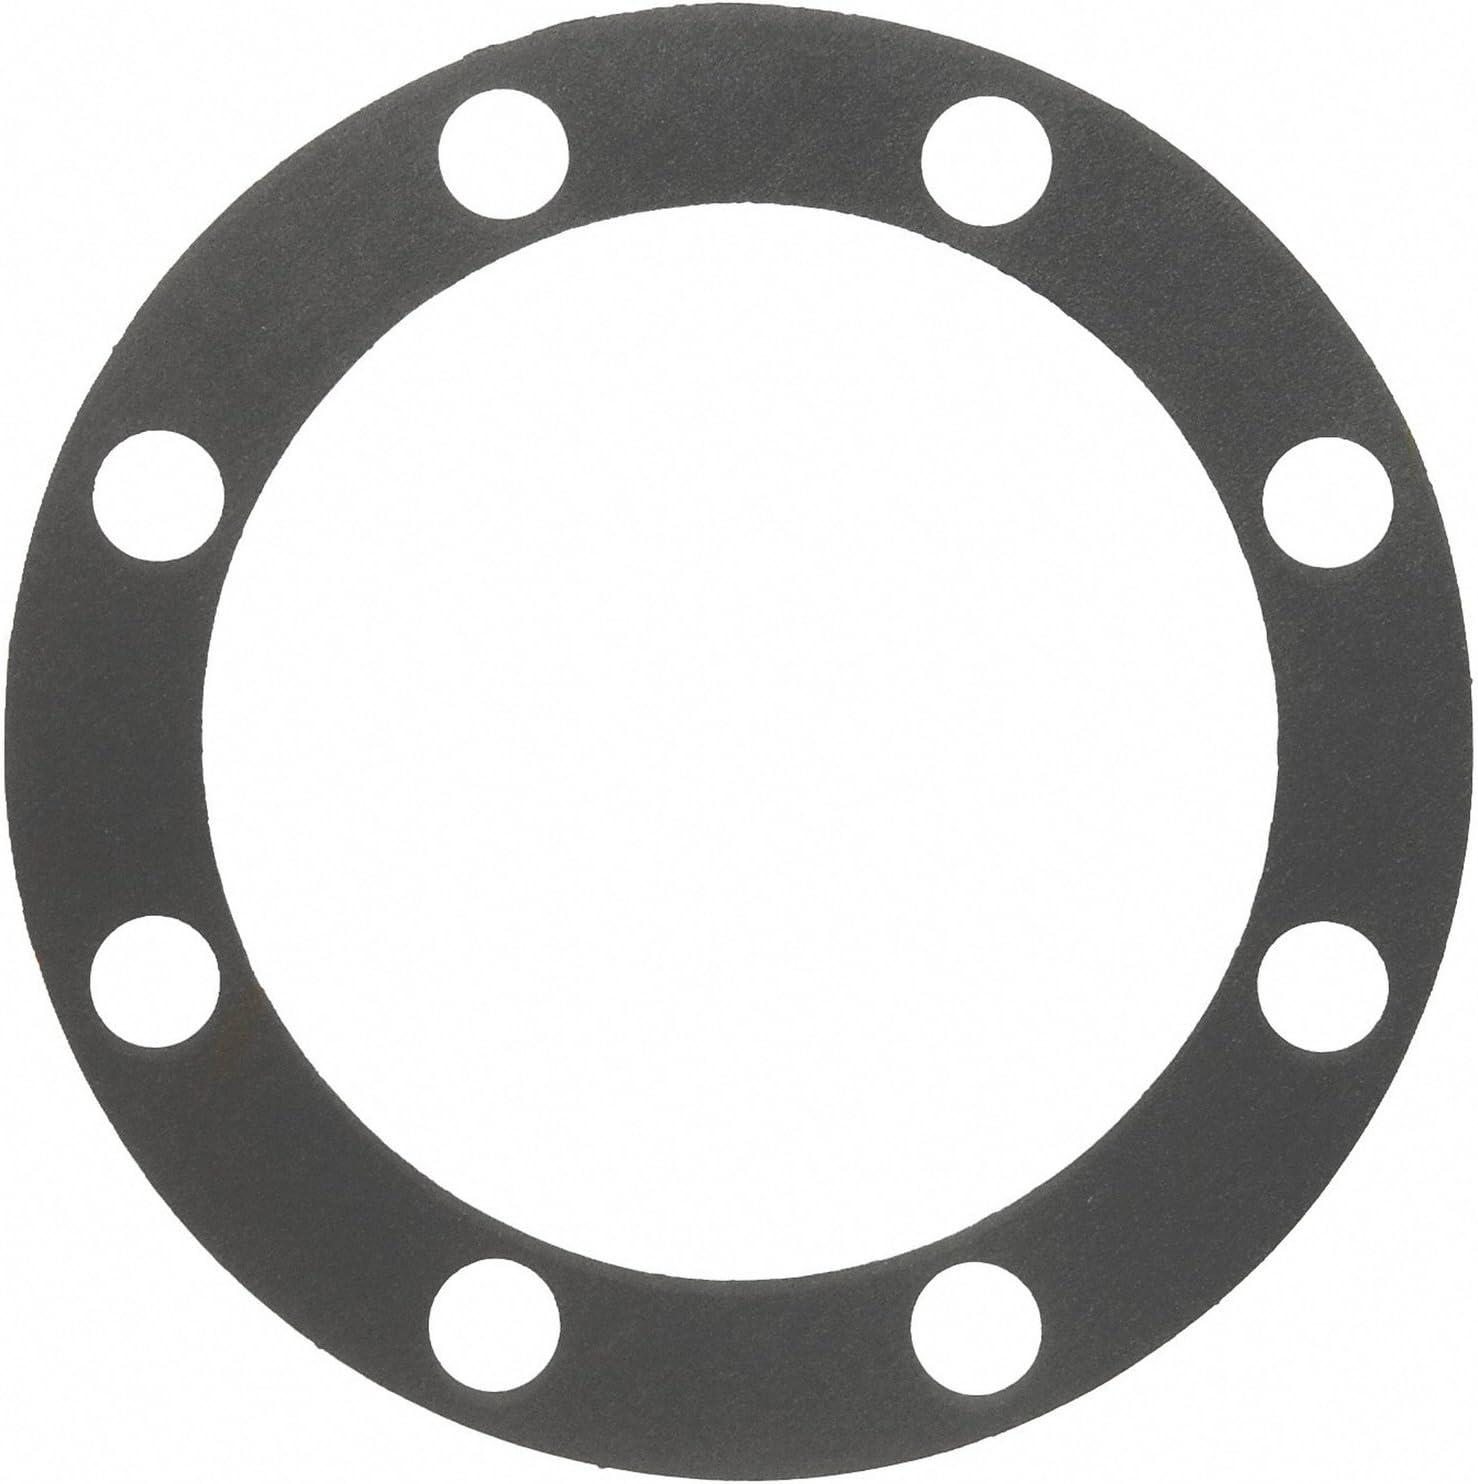 Fel-Pro 55328 Axle Flange Gasket